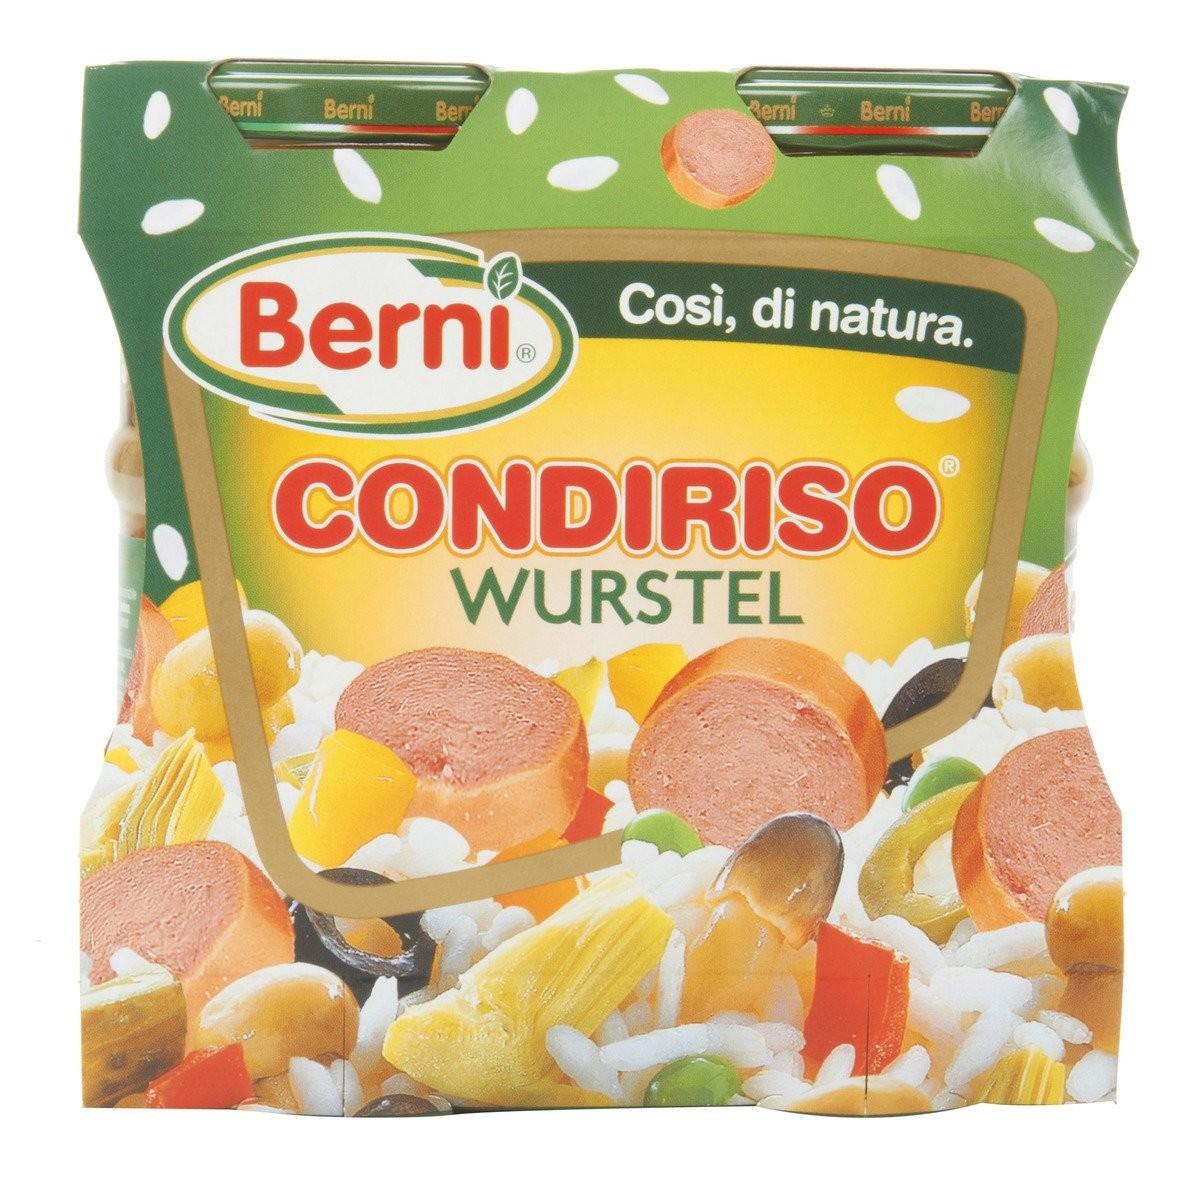 Berni Condiriso con Wurstel